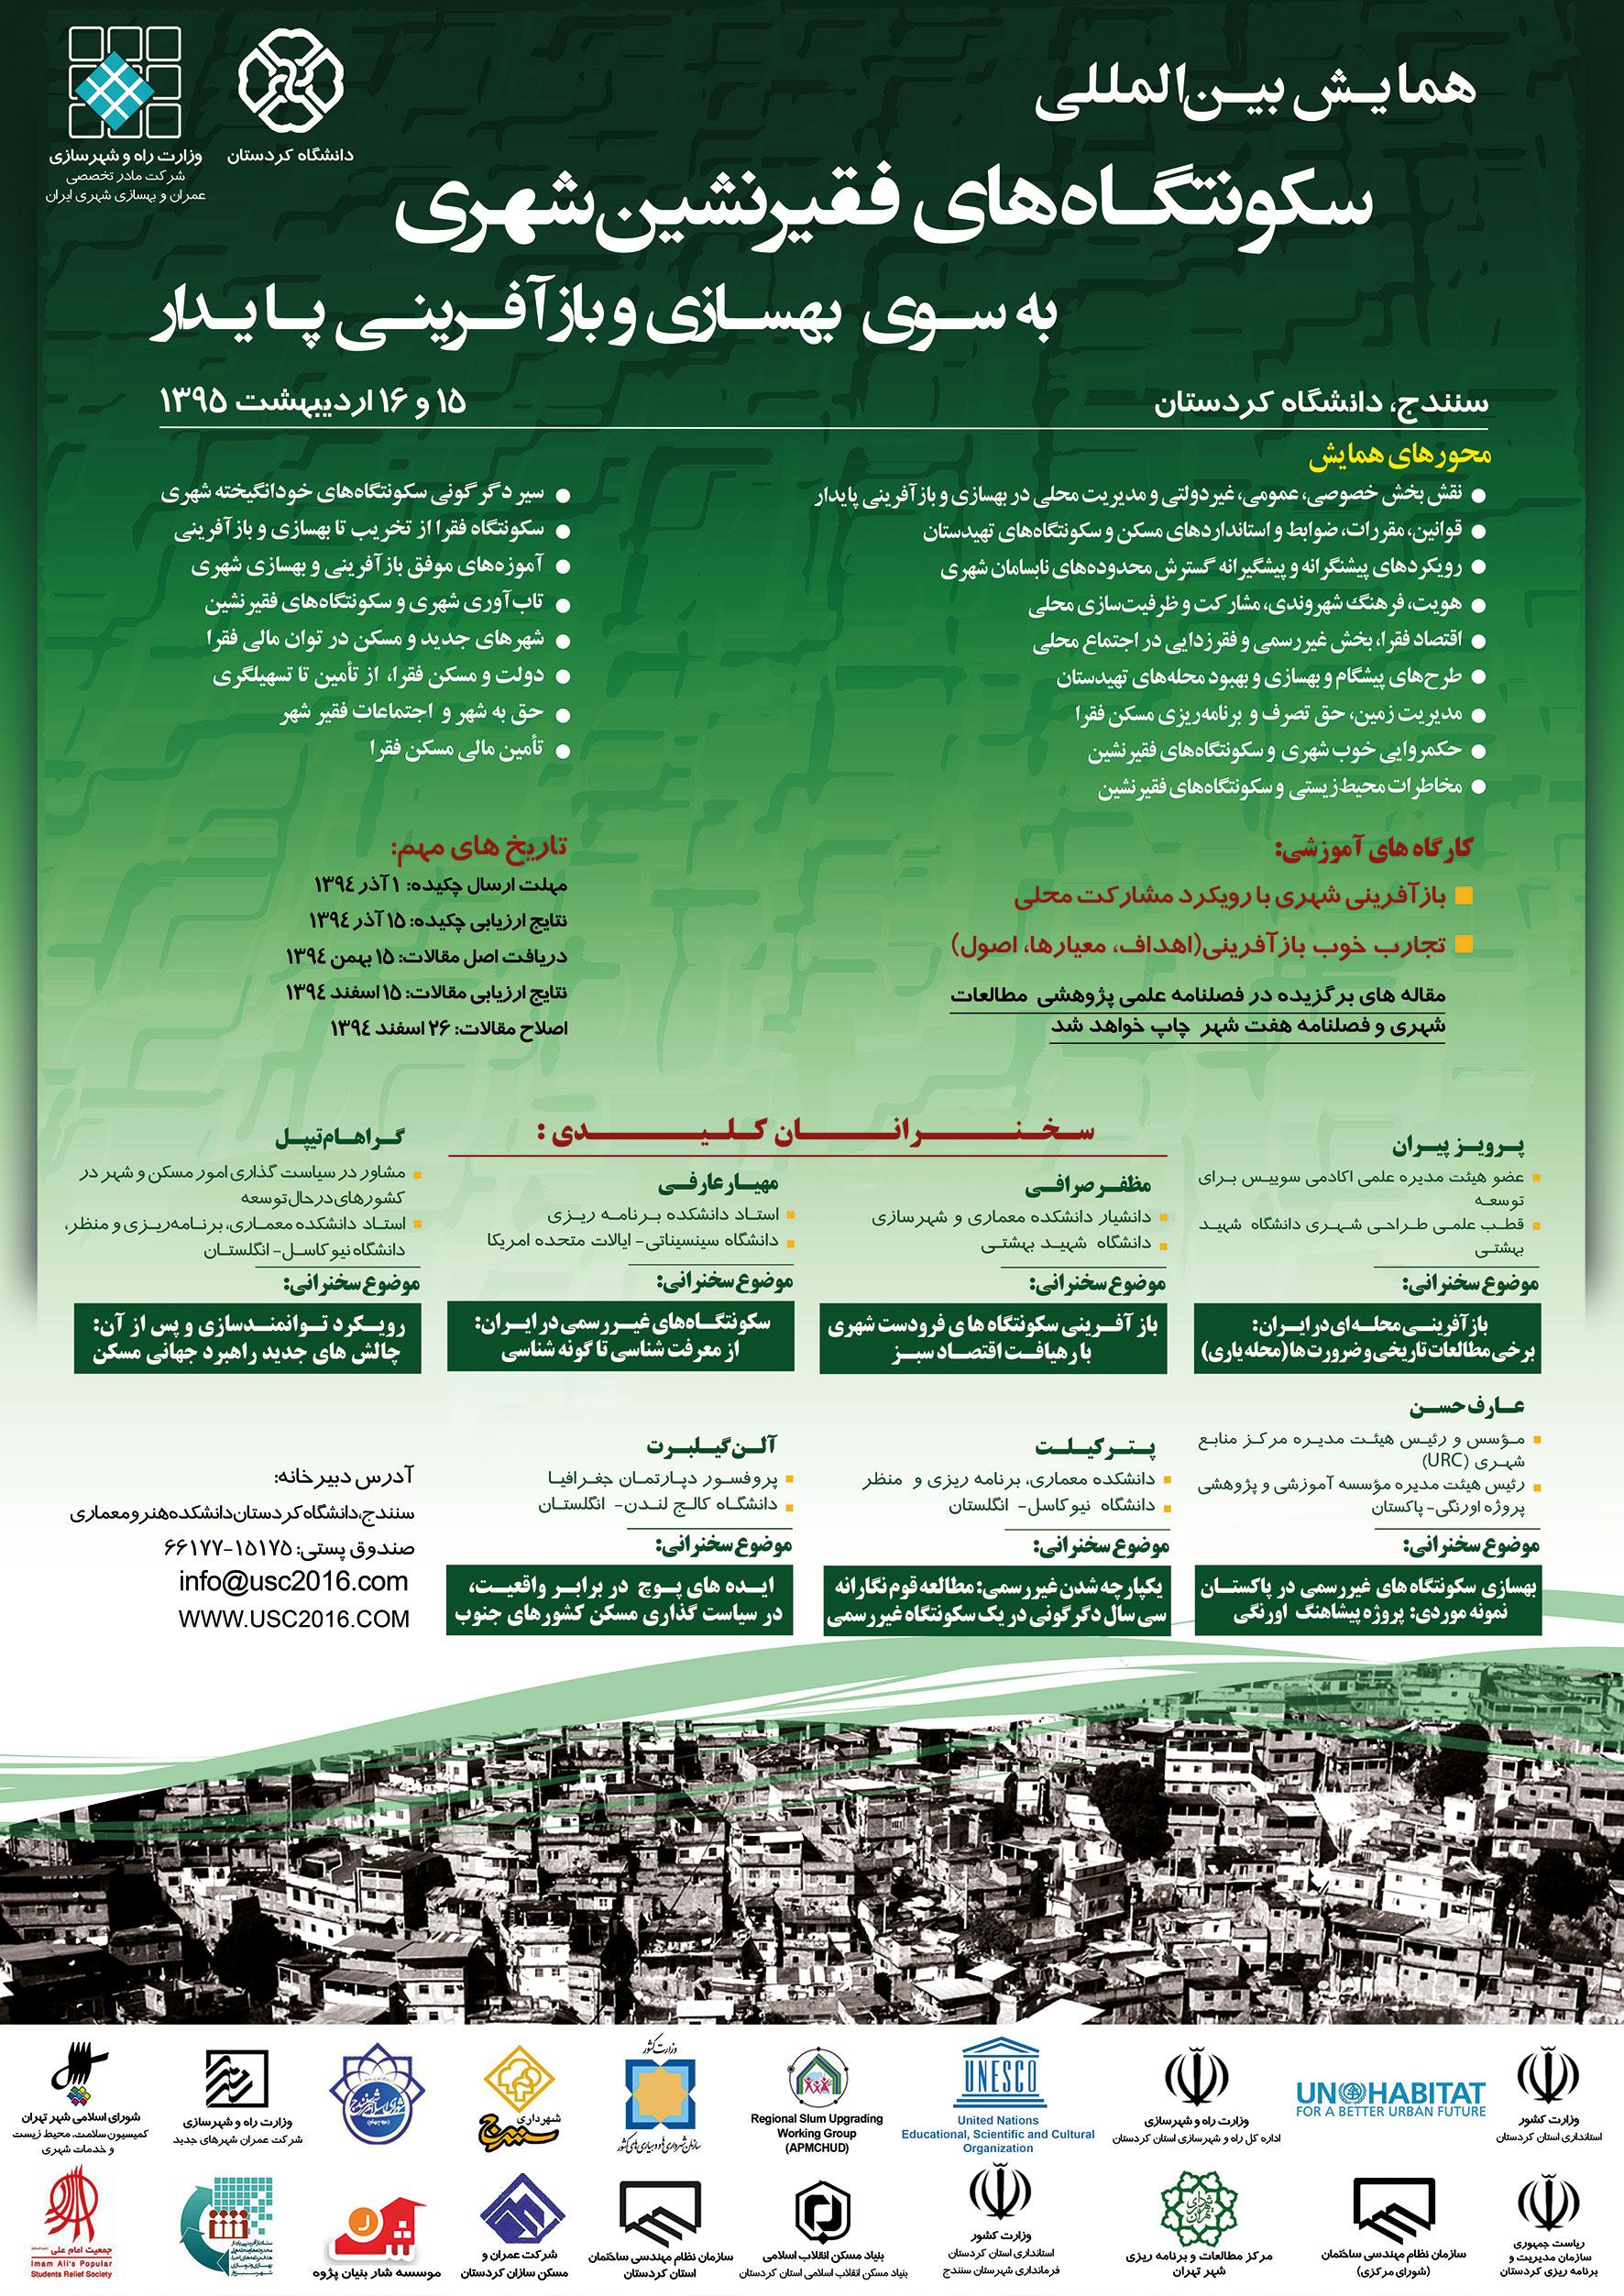 همایش بینالمللی سکونتگاههای فقیرنشین شهری